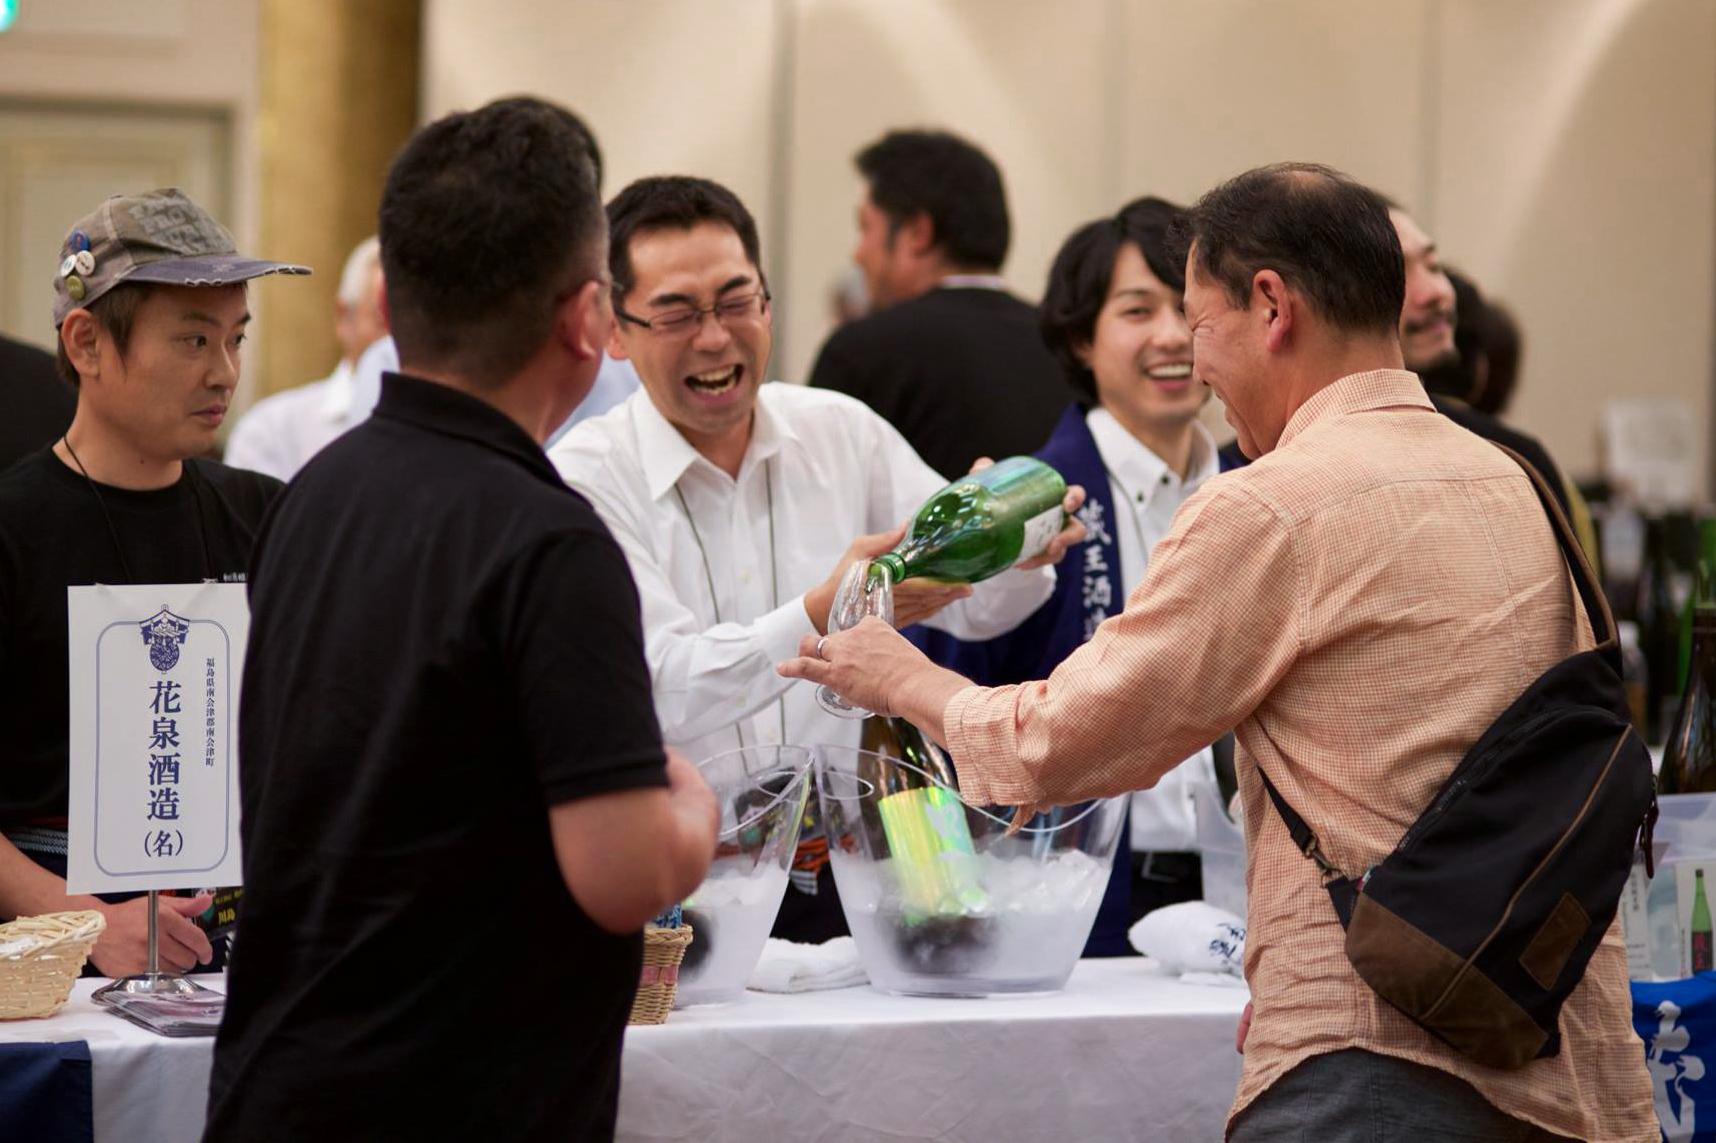 2019.9.1第9回和酒相双 造り手と楽しむ日本酒の会